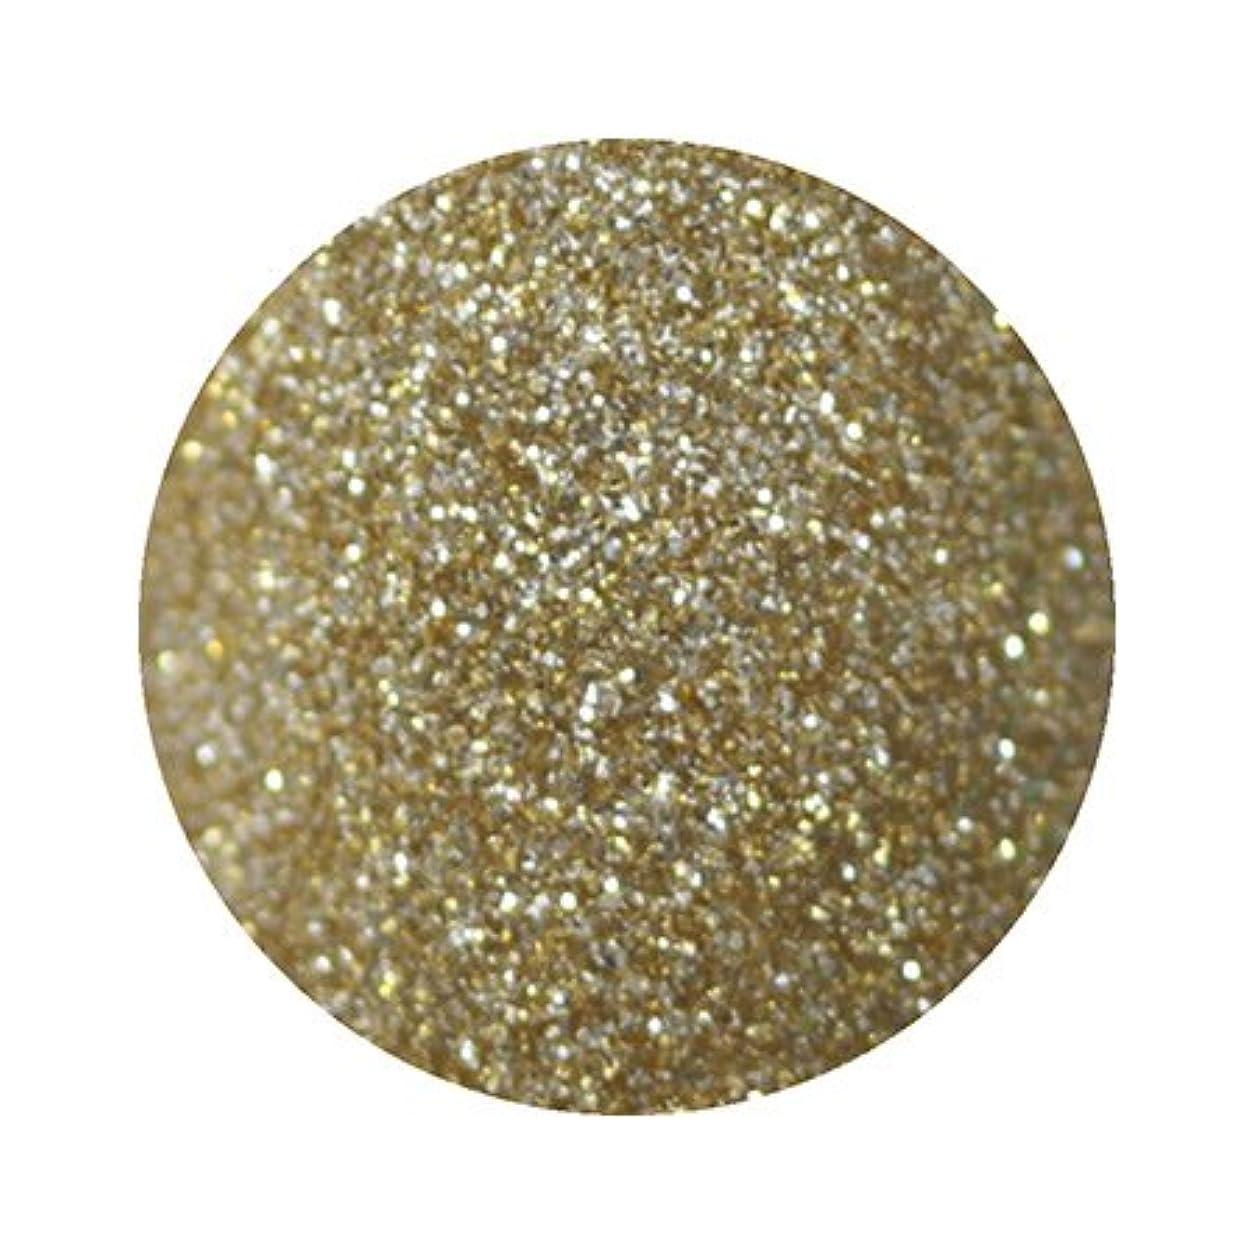 憂鬱な献身流行パラポリッシュ ハイブリッドカラージェル GOLD(ゴールド) 7g